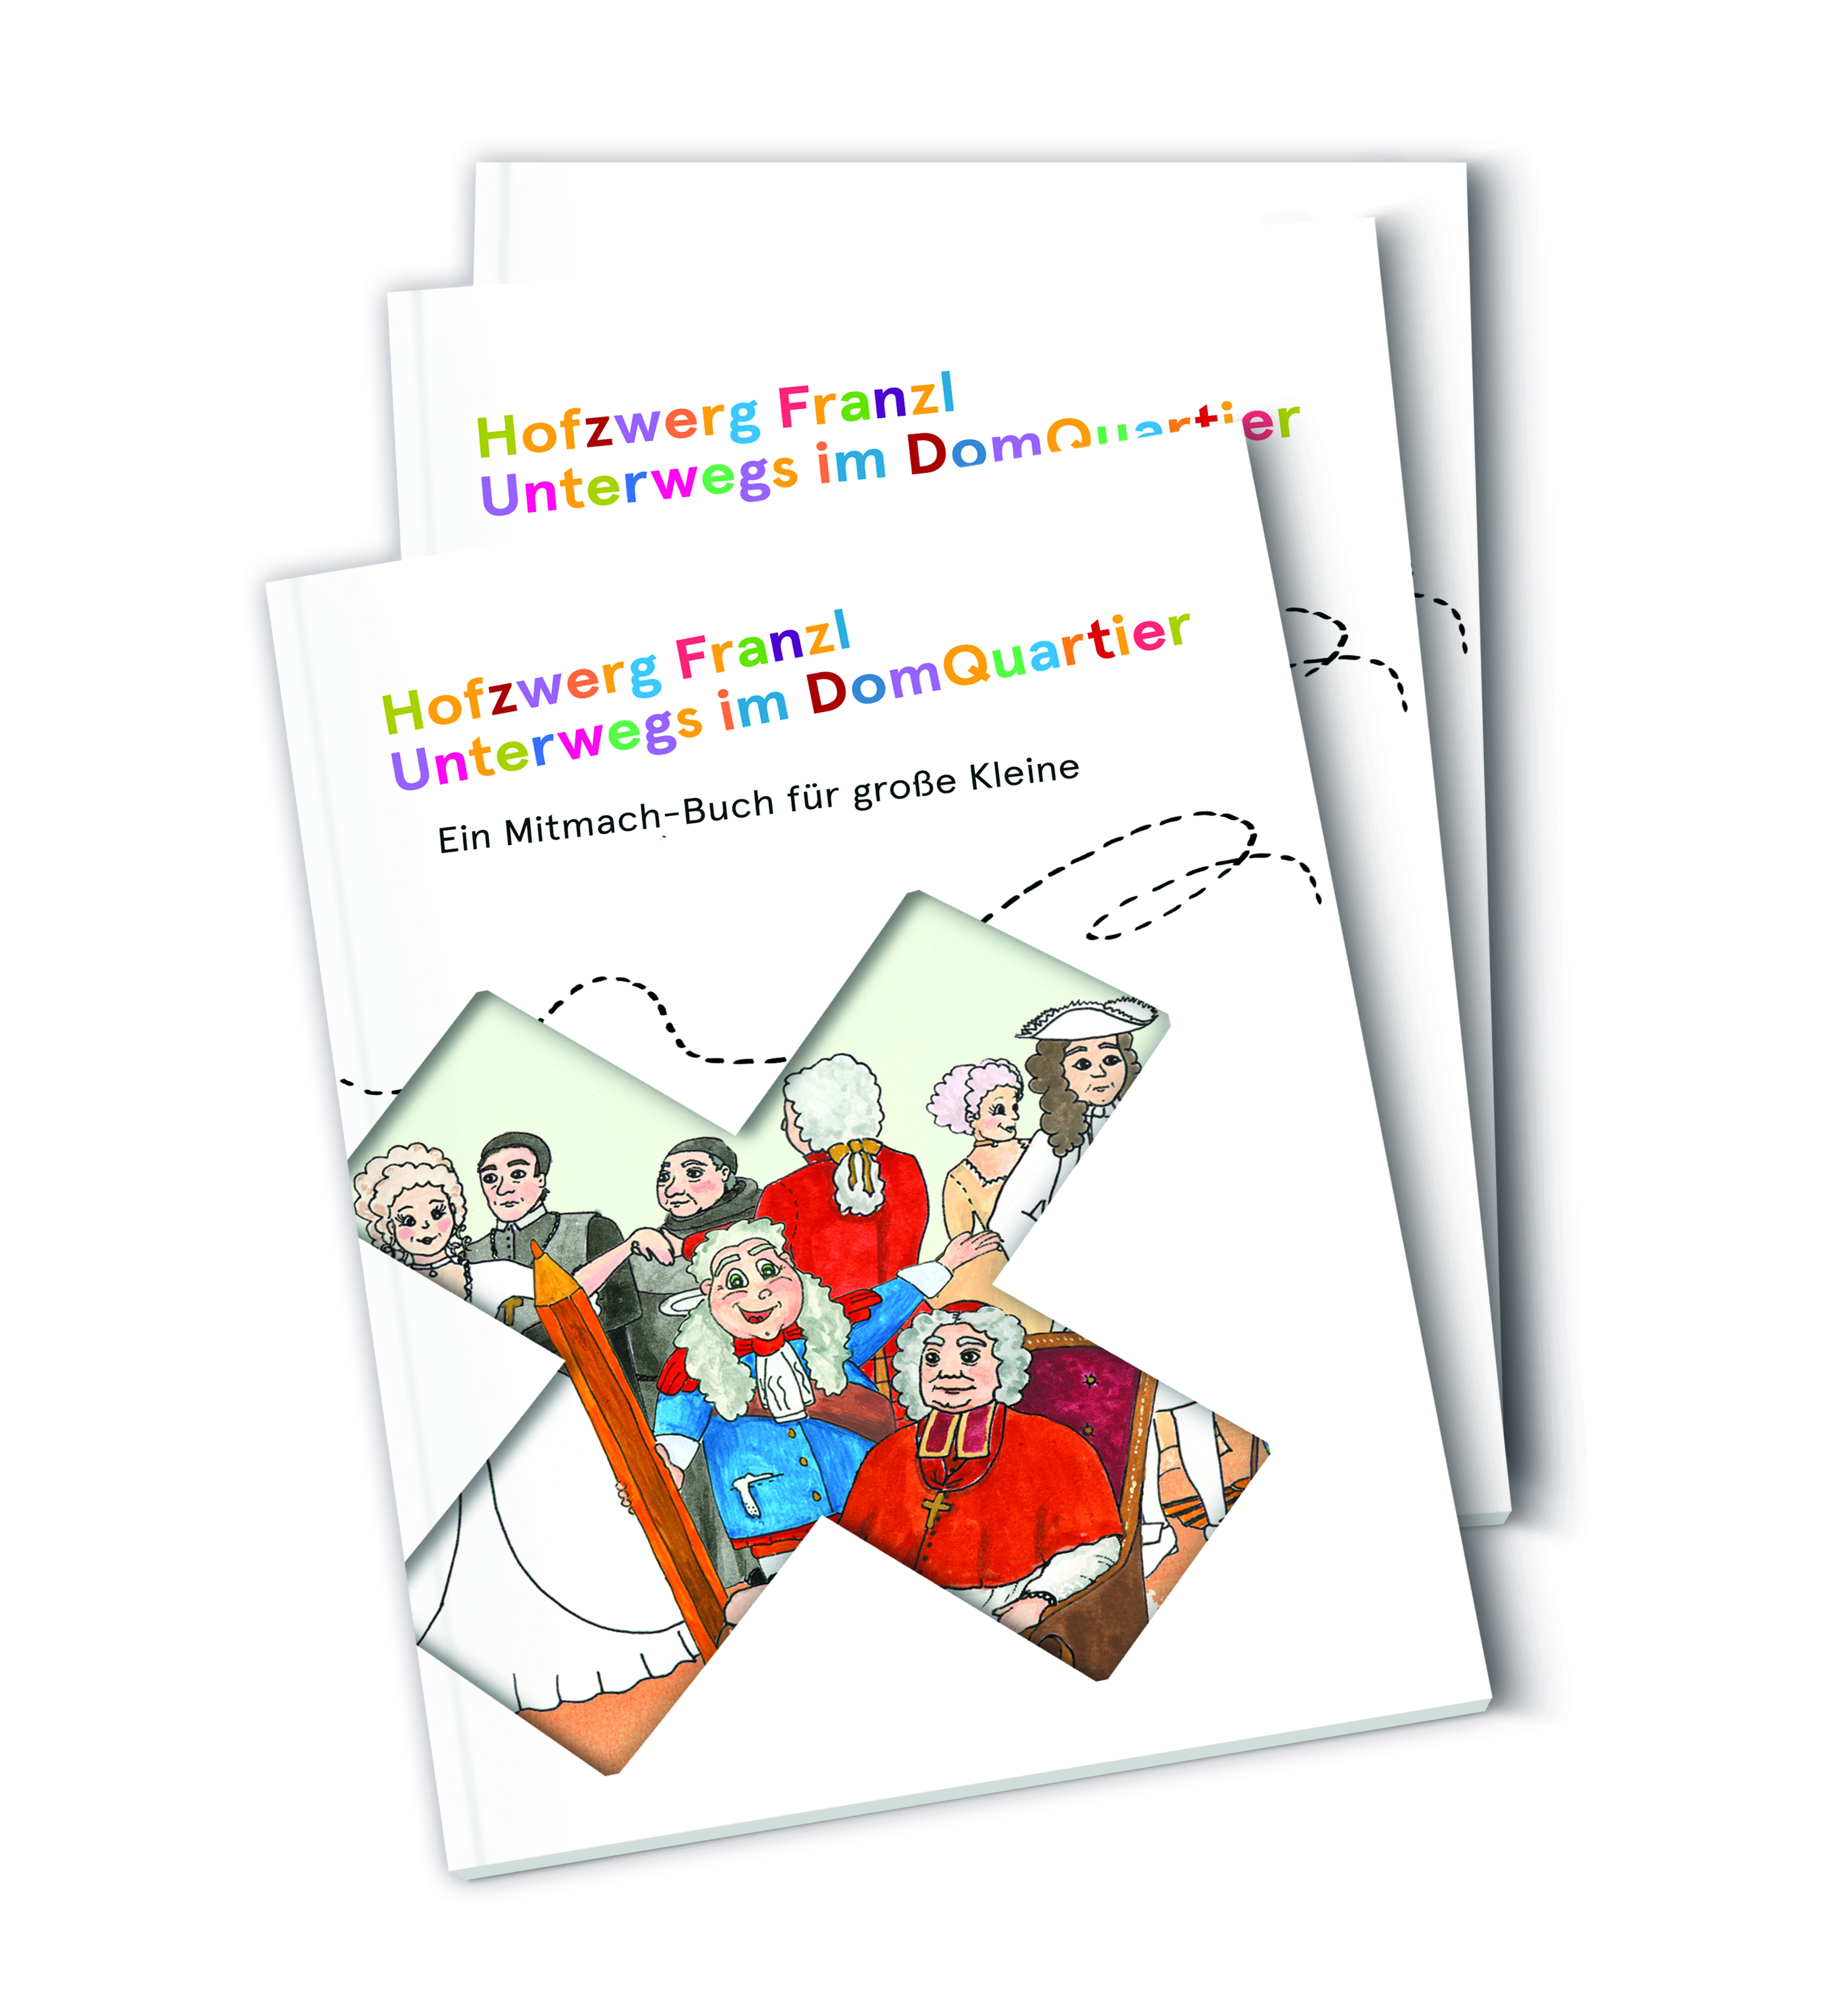 """Veranstaltung Kinder-Mit-Mach-Buch """"Hofzwerg Franzl unterwegs im DomQuartier"""" im DomQuartier Salzburg"""